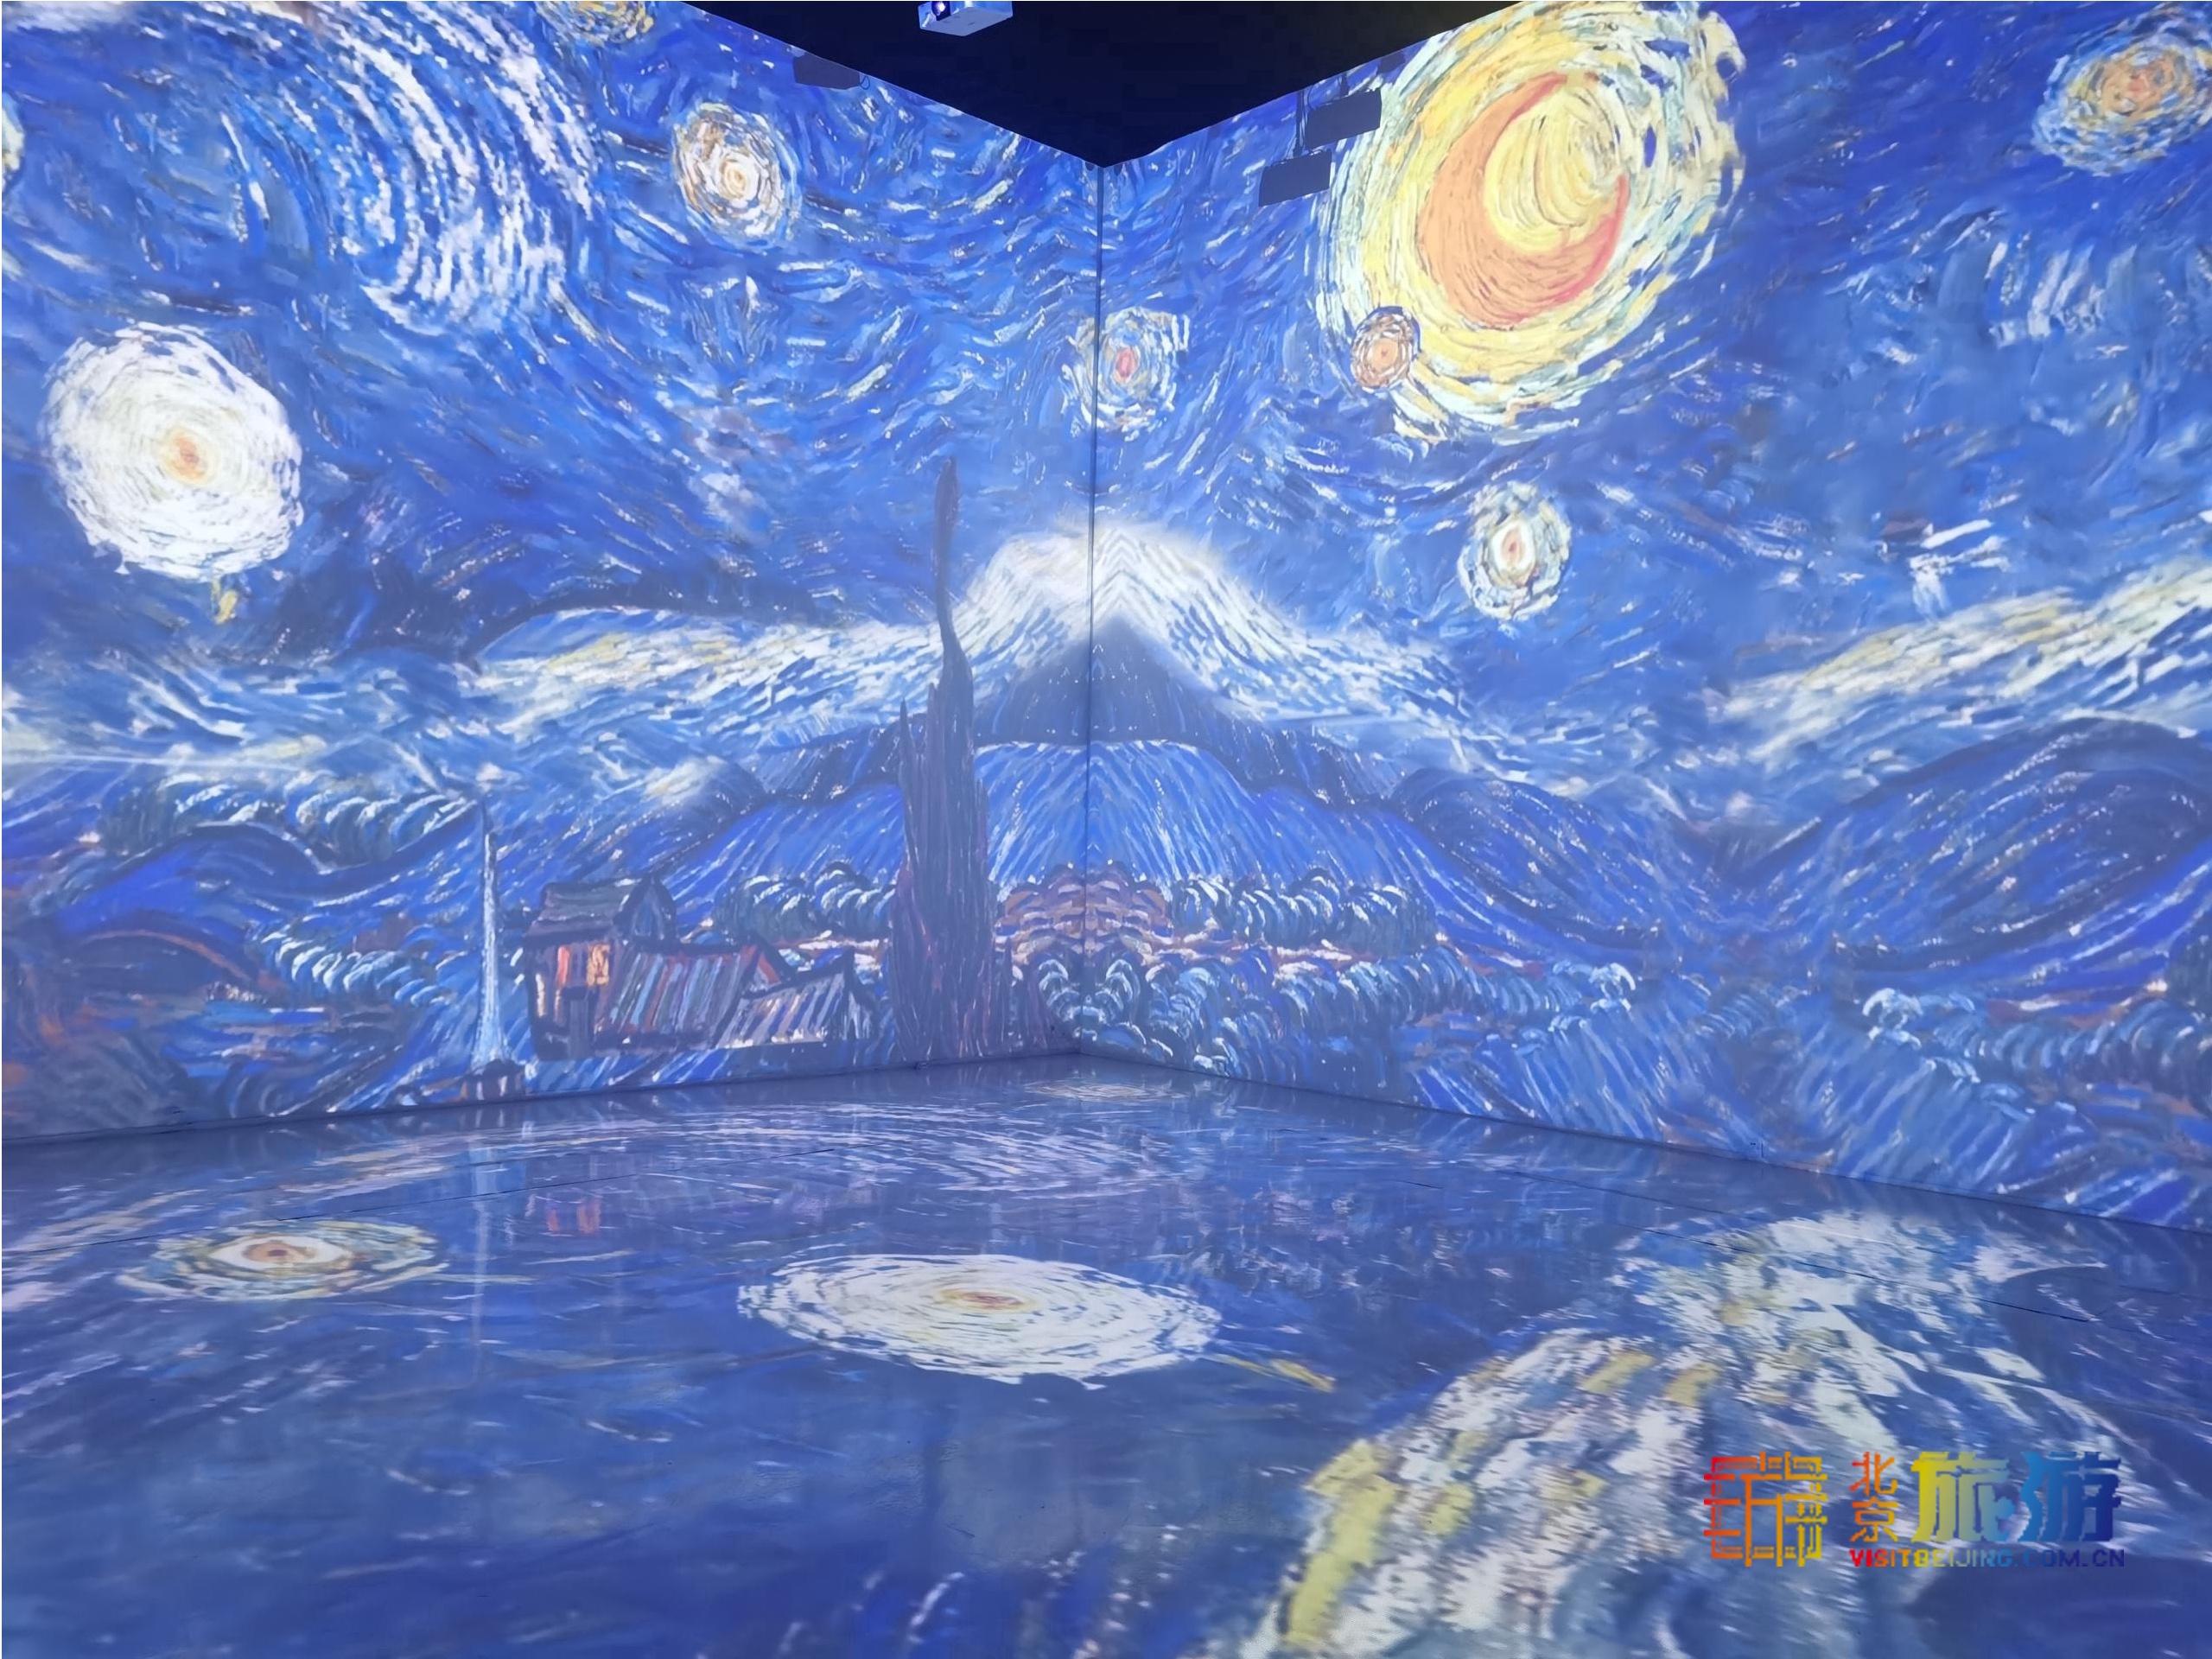 La forêt de lumière - Van Gogh ne l'a jamais vue